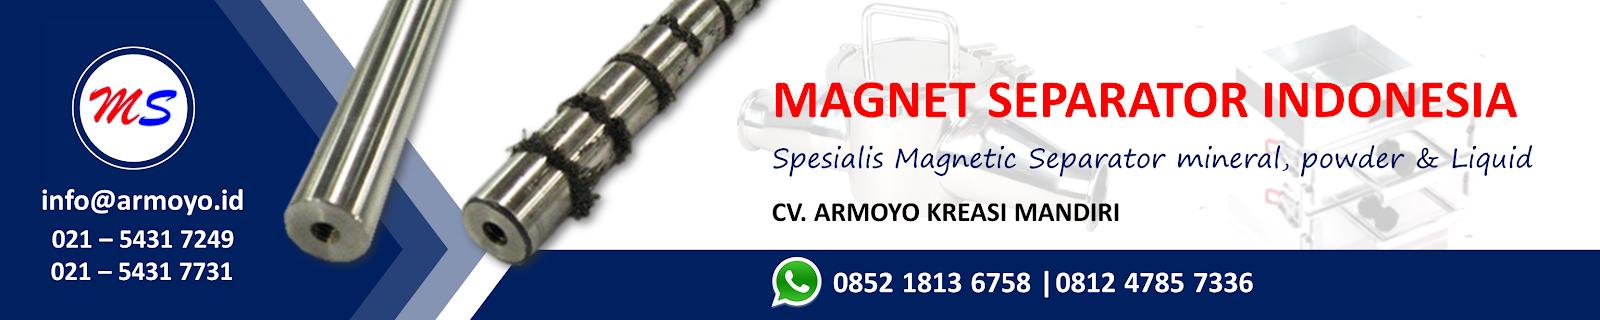 magnet separator indonesia